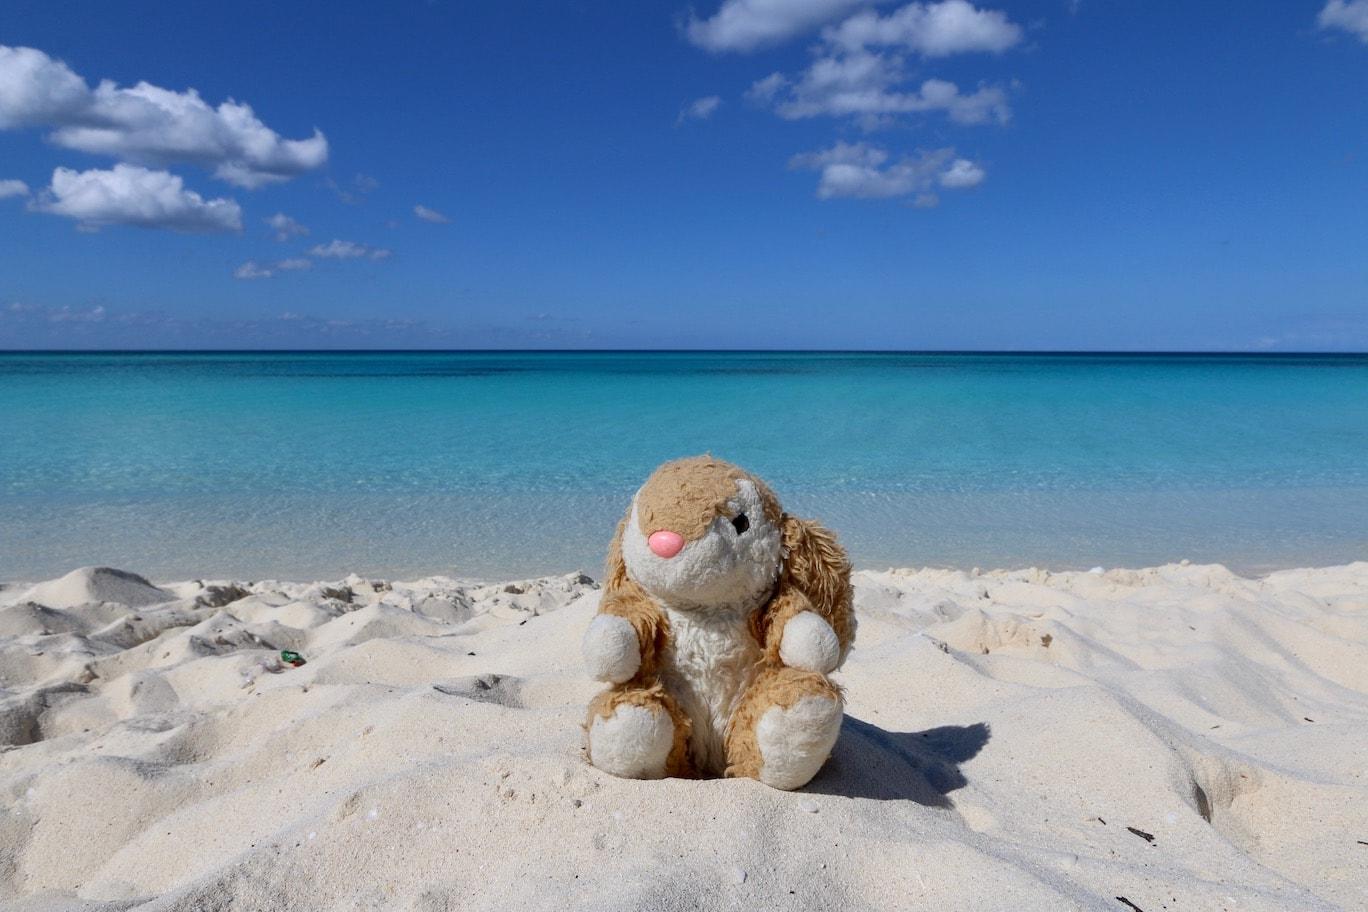 Bunny on a perfect beach